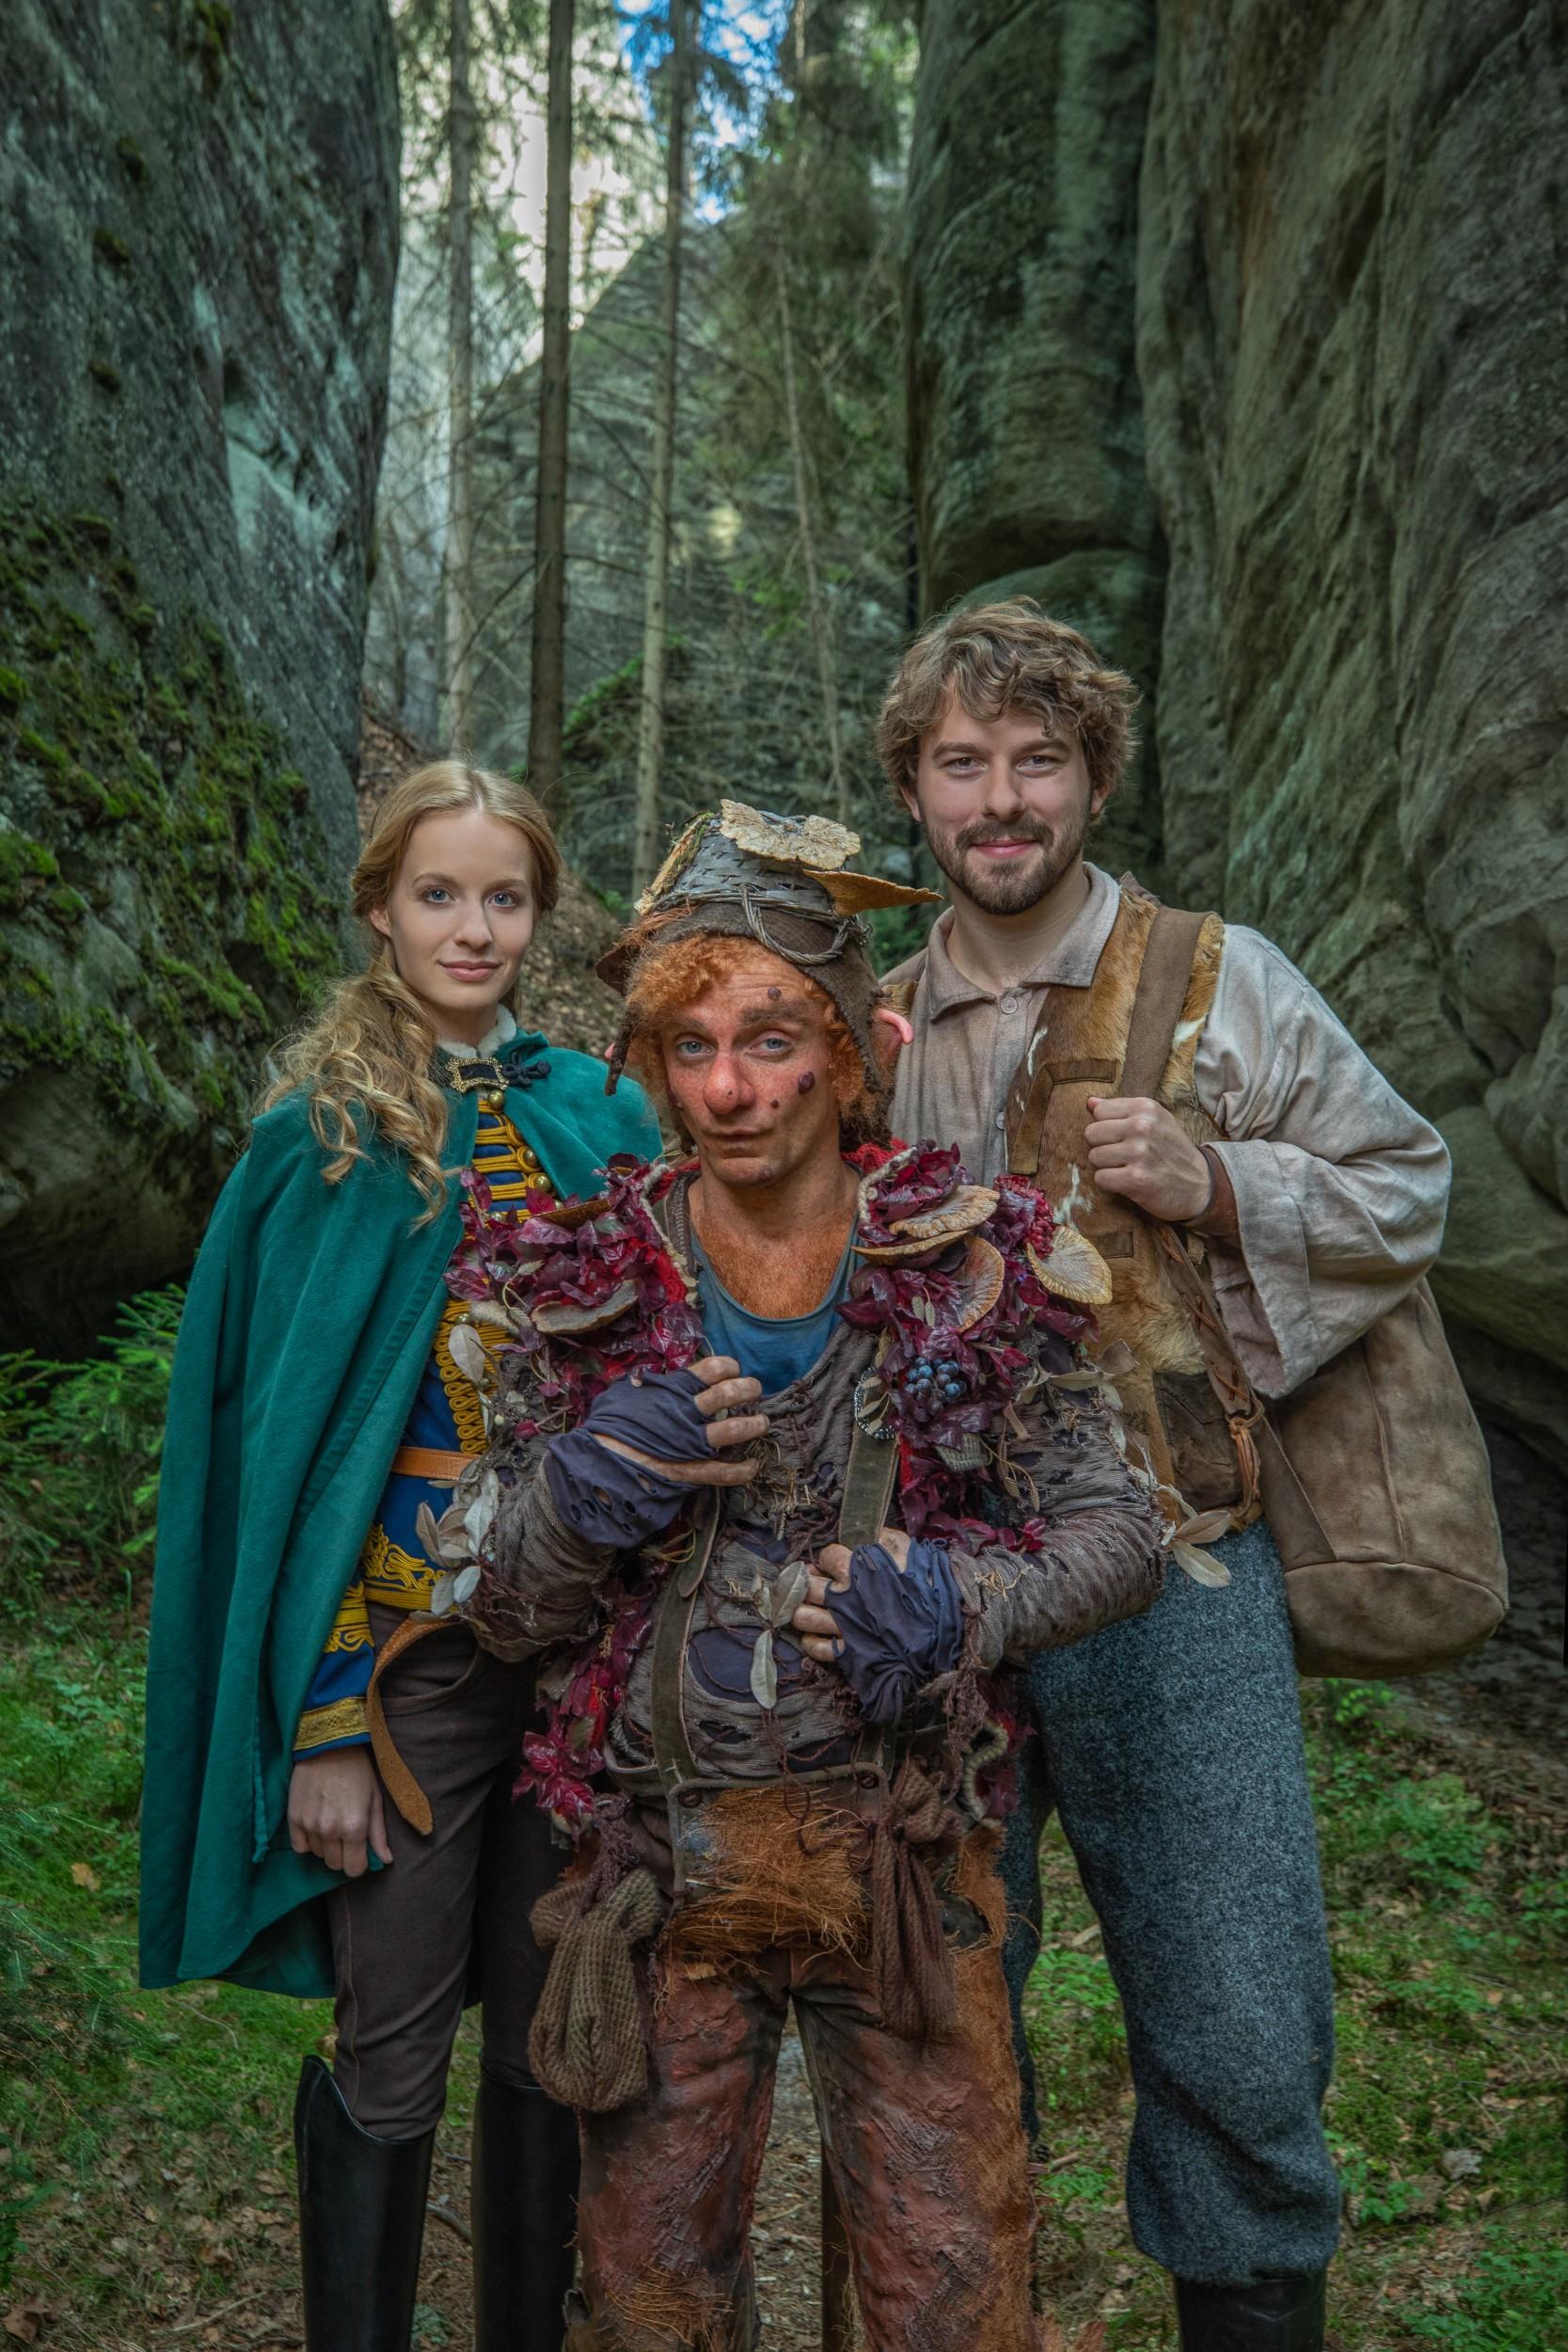 v Adršpašských skalách v severovýchodních Čechách se uskutečnilo natáčení pohádky Slovenské televize Vianočné želanie(O zakletém králi a odvážném Martinovi).